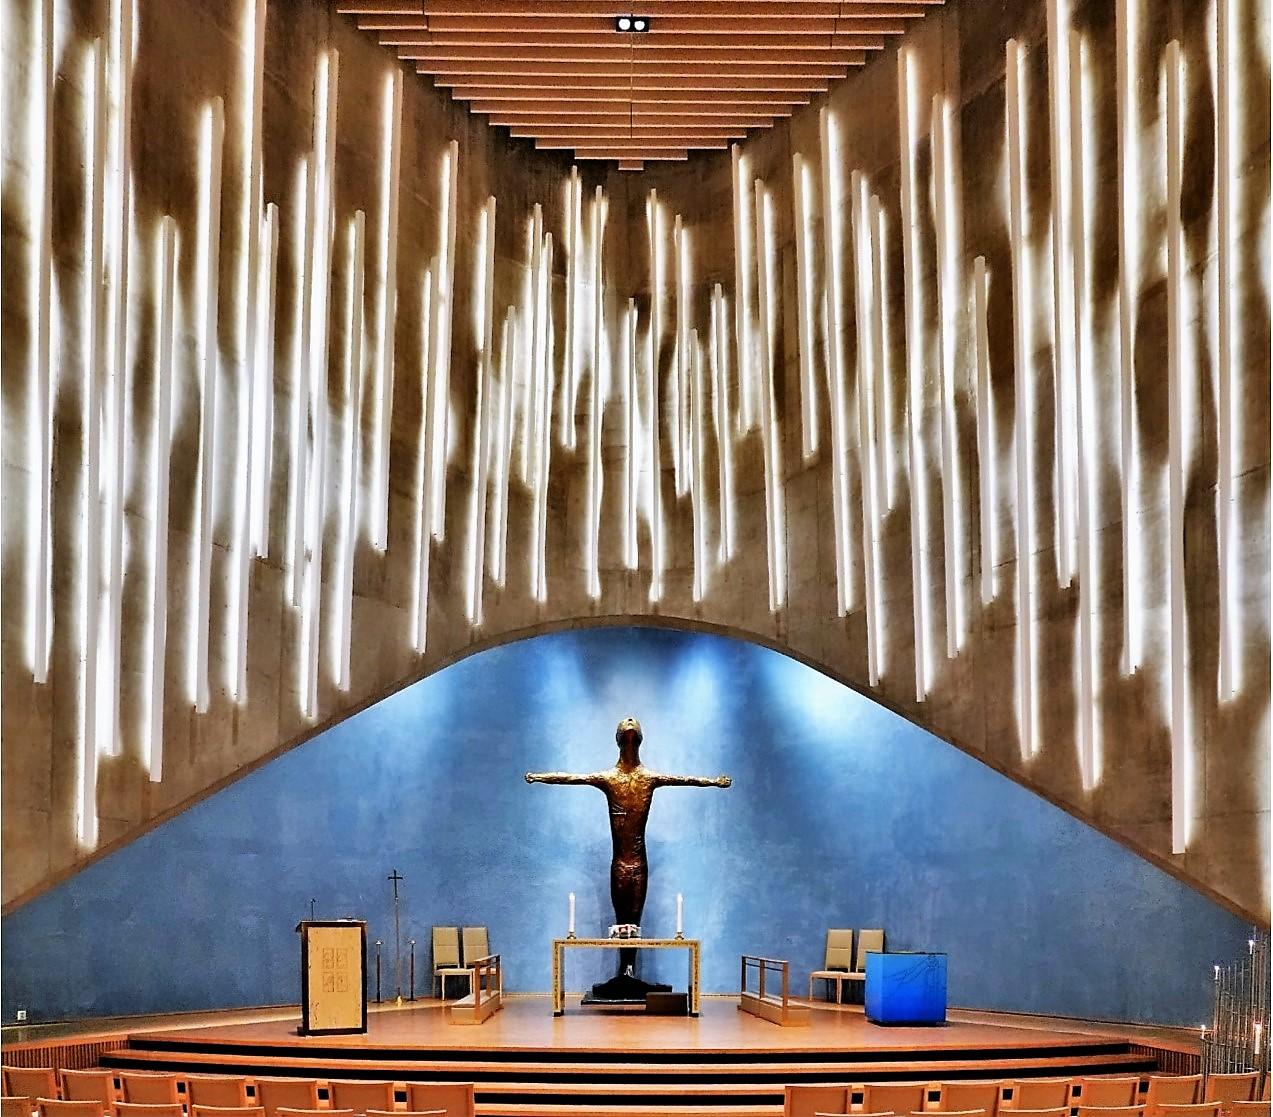 Light shafts and altar